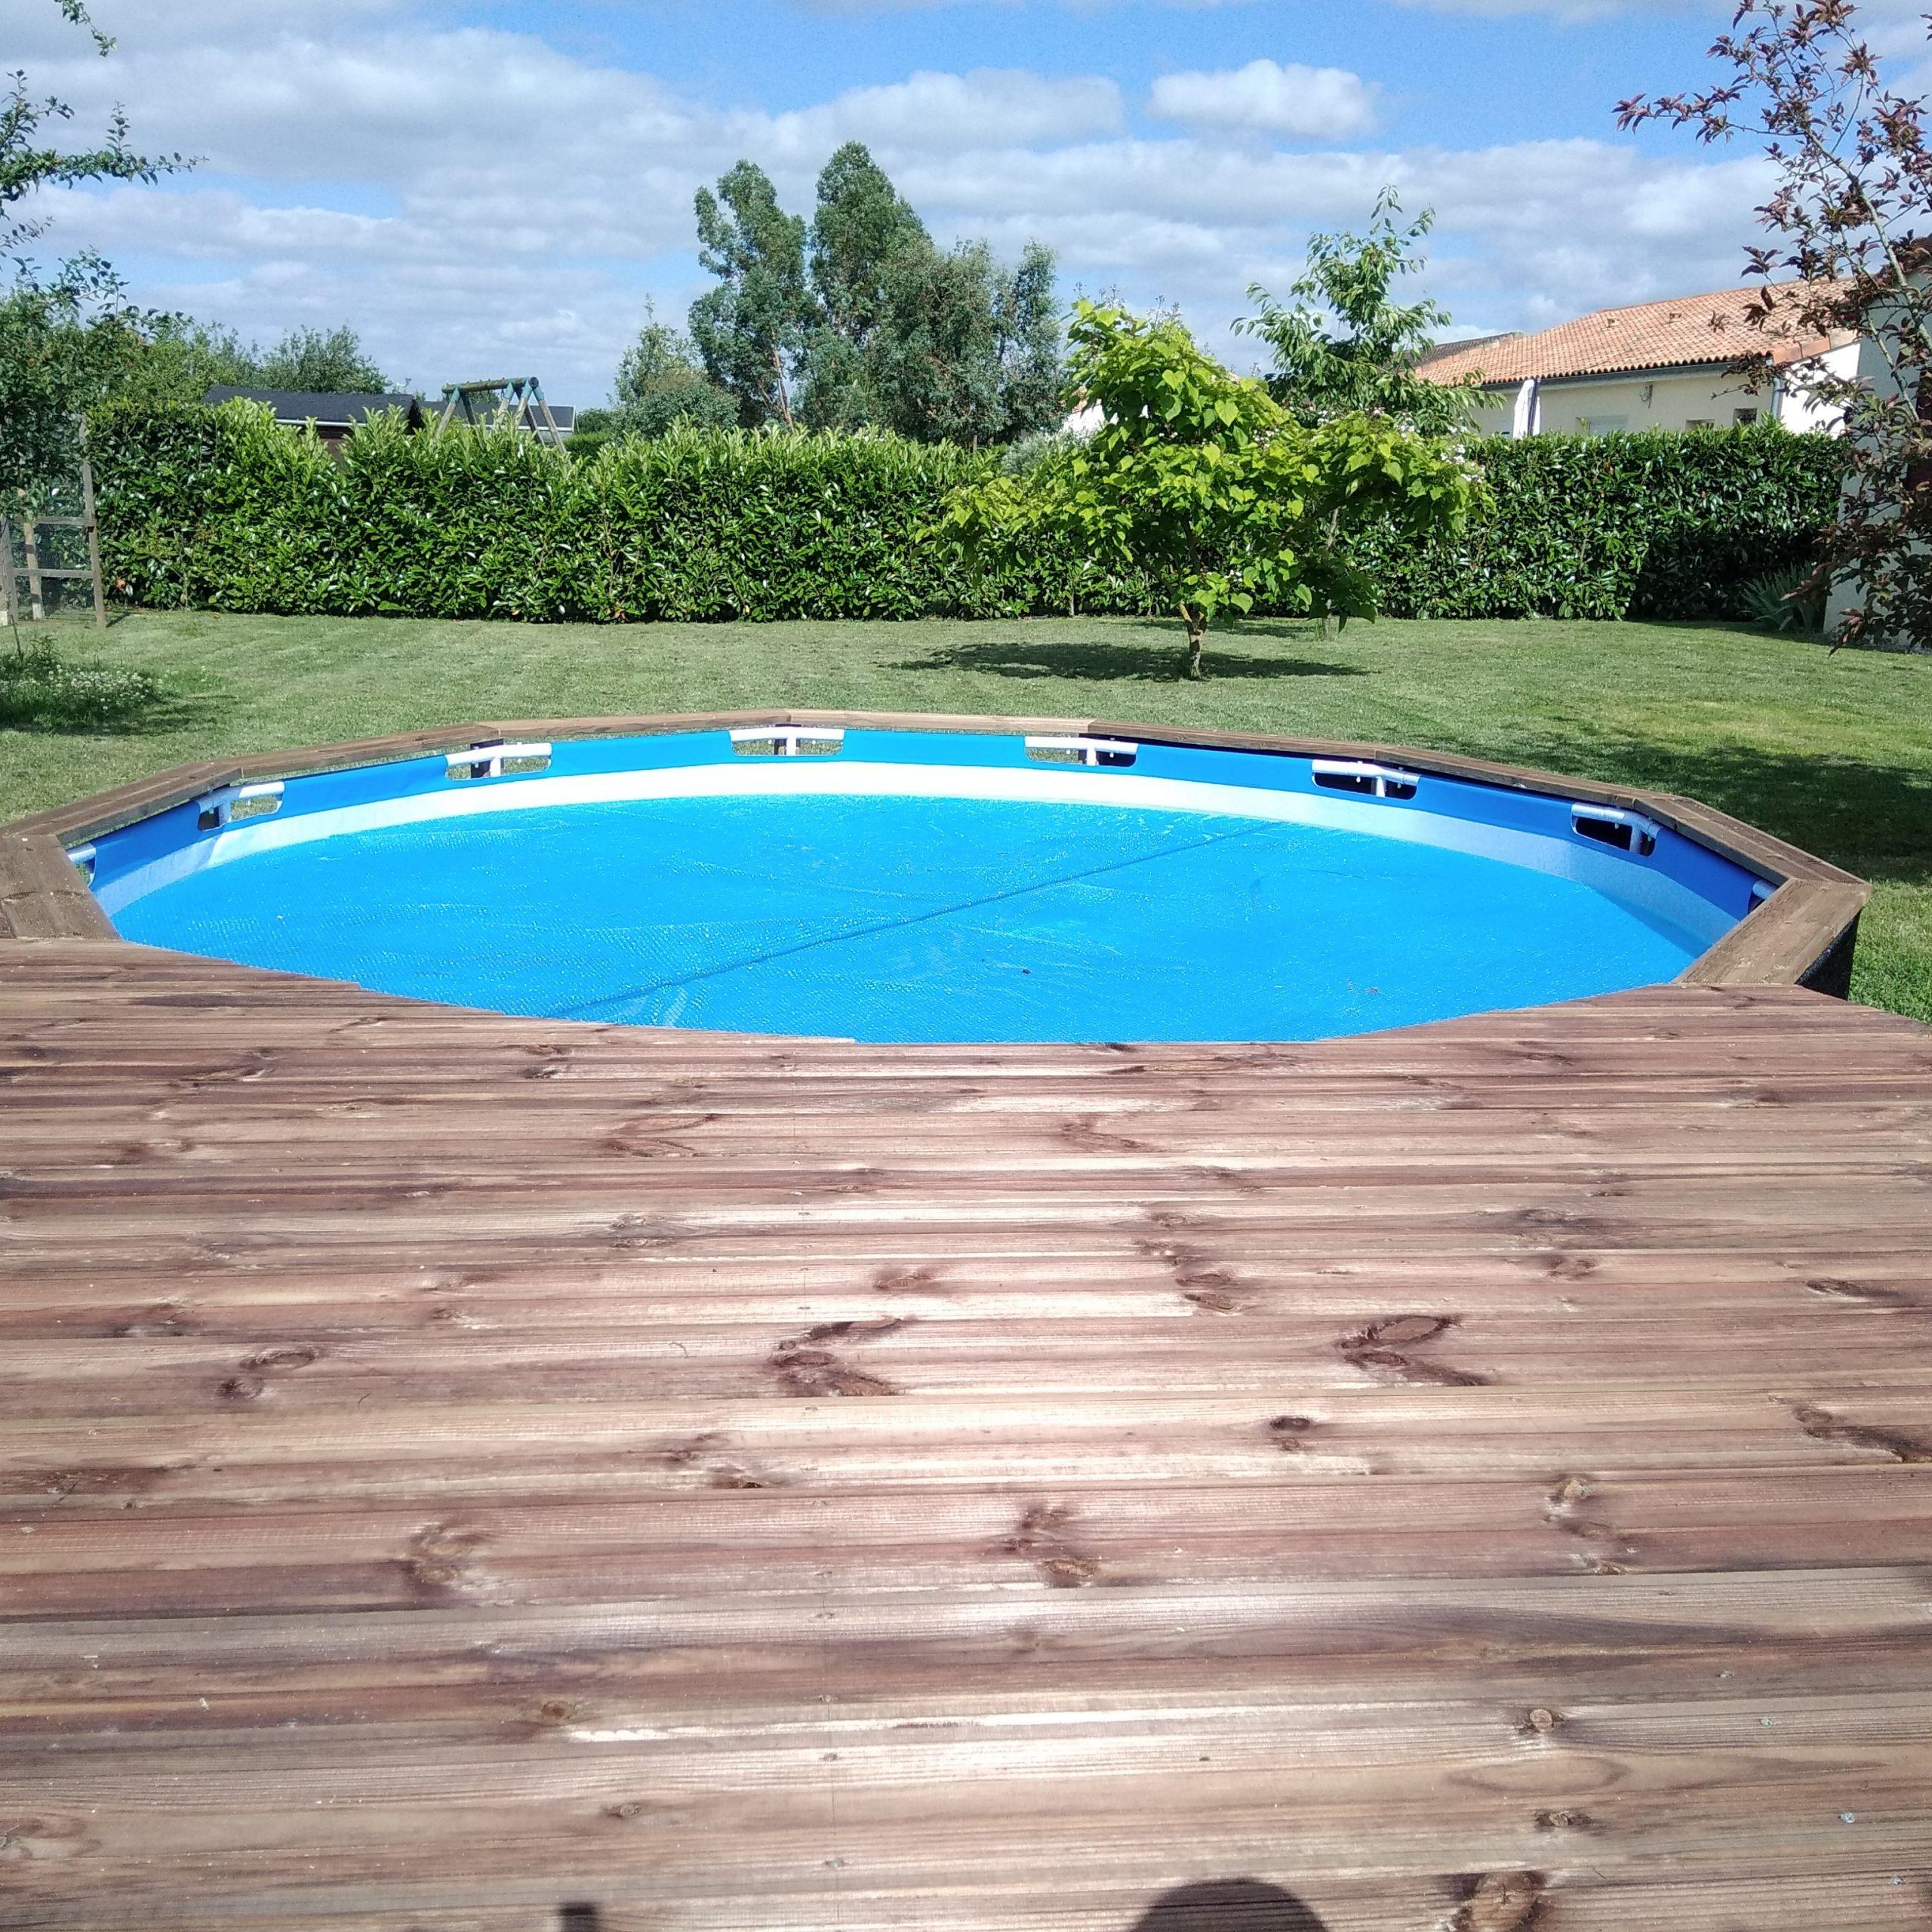 Tuto Déco: Aménager Une Terrasse Autour D'une Piscine ... avec Habillage Piscine Tubulaire